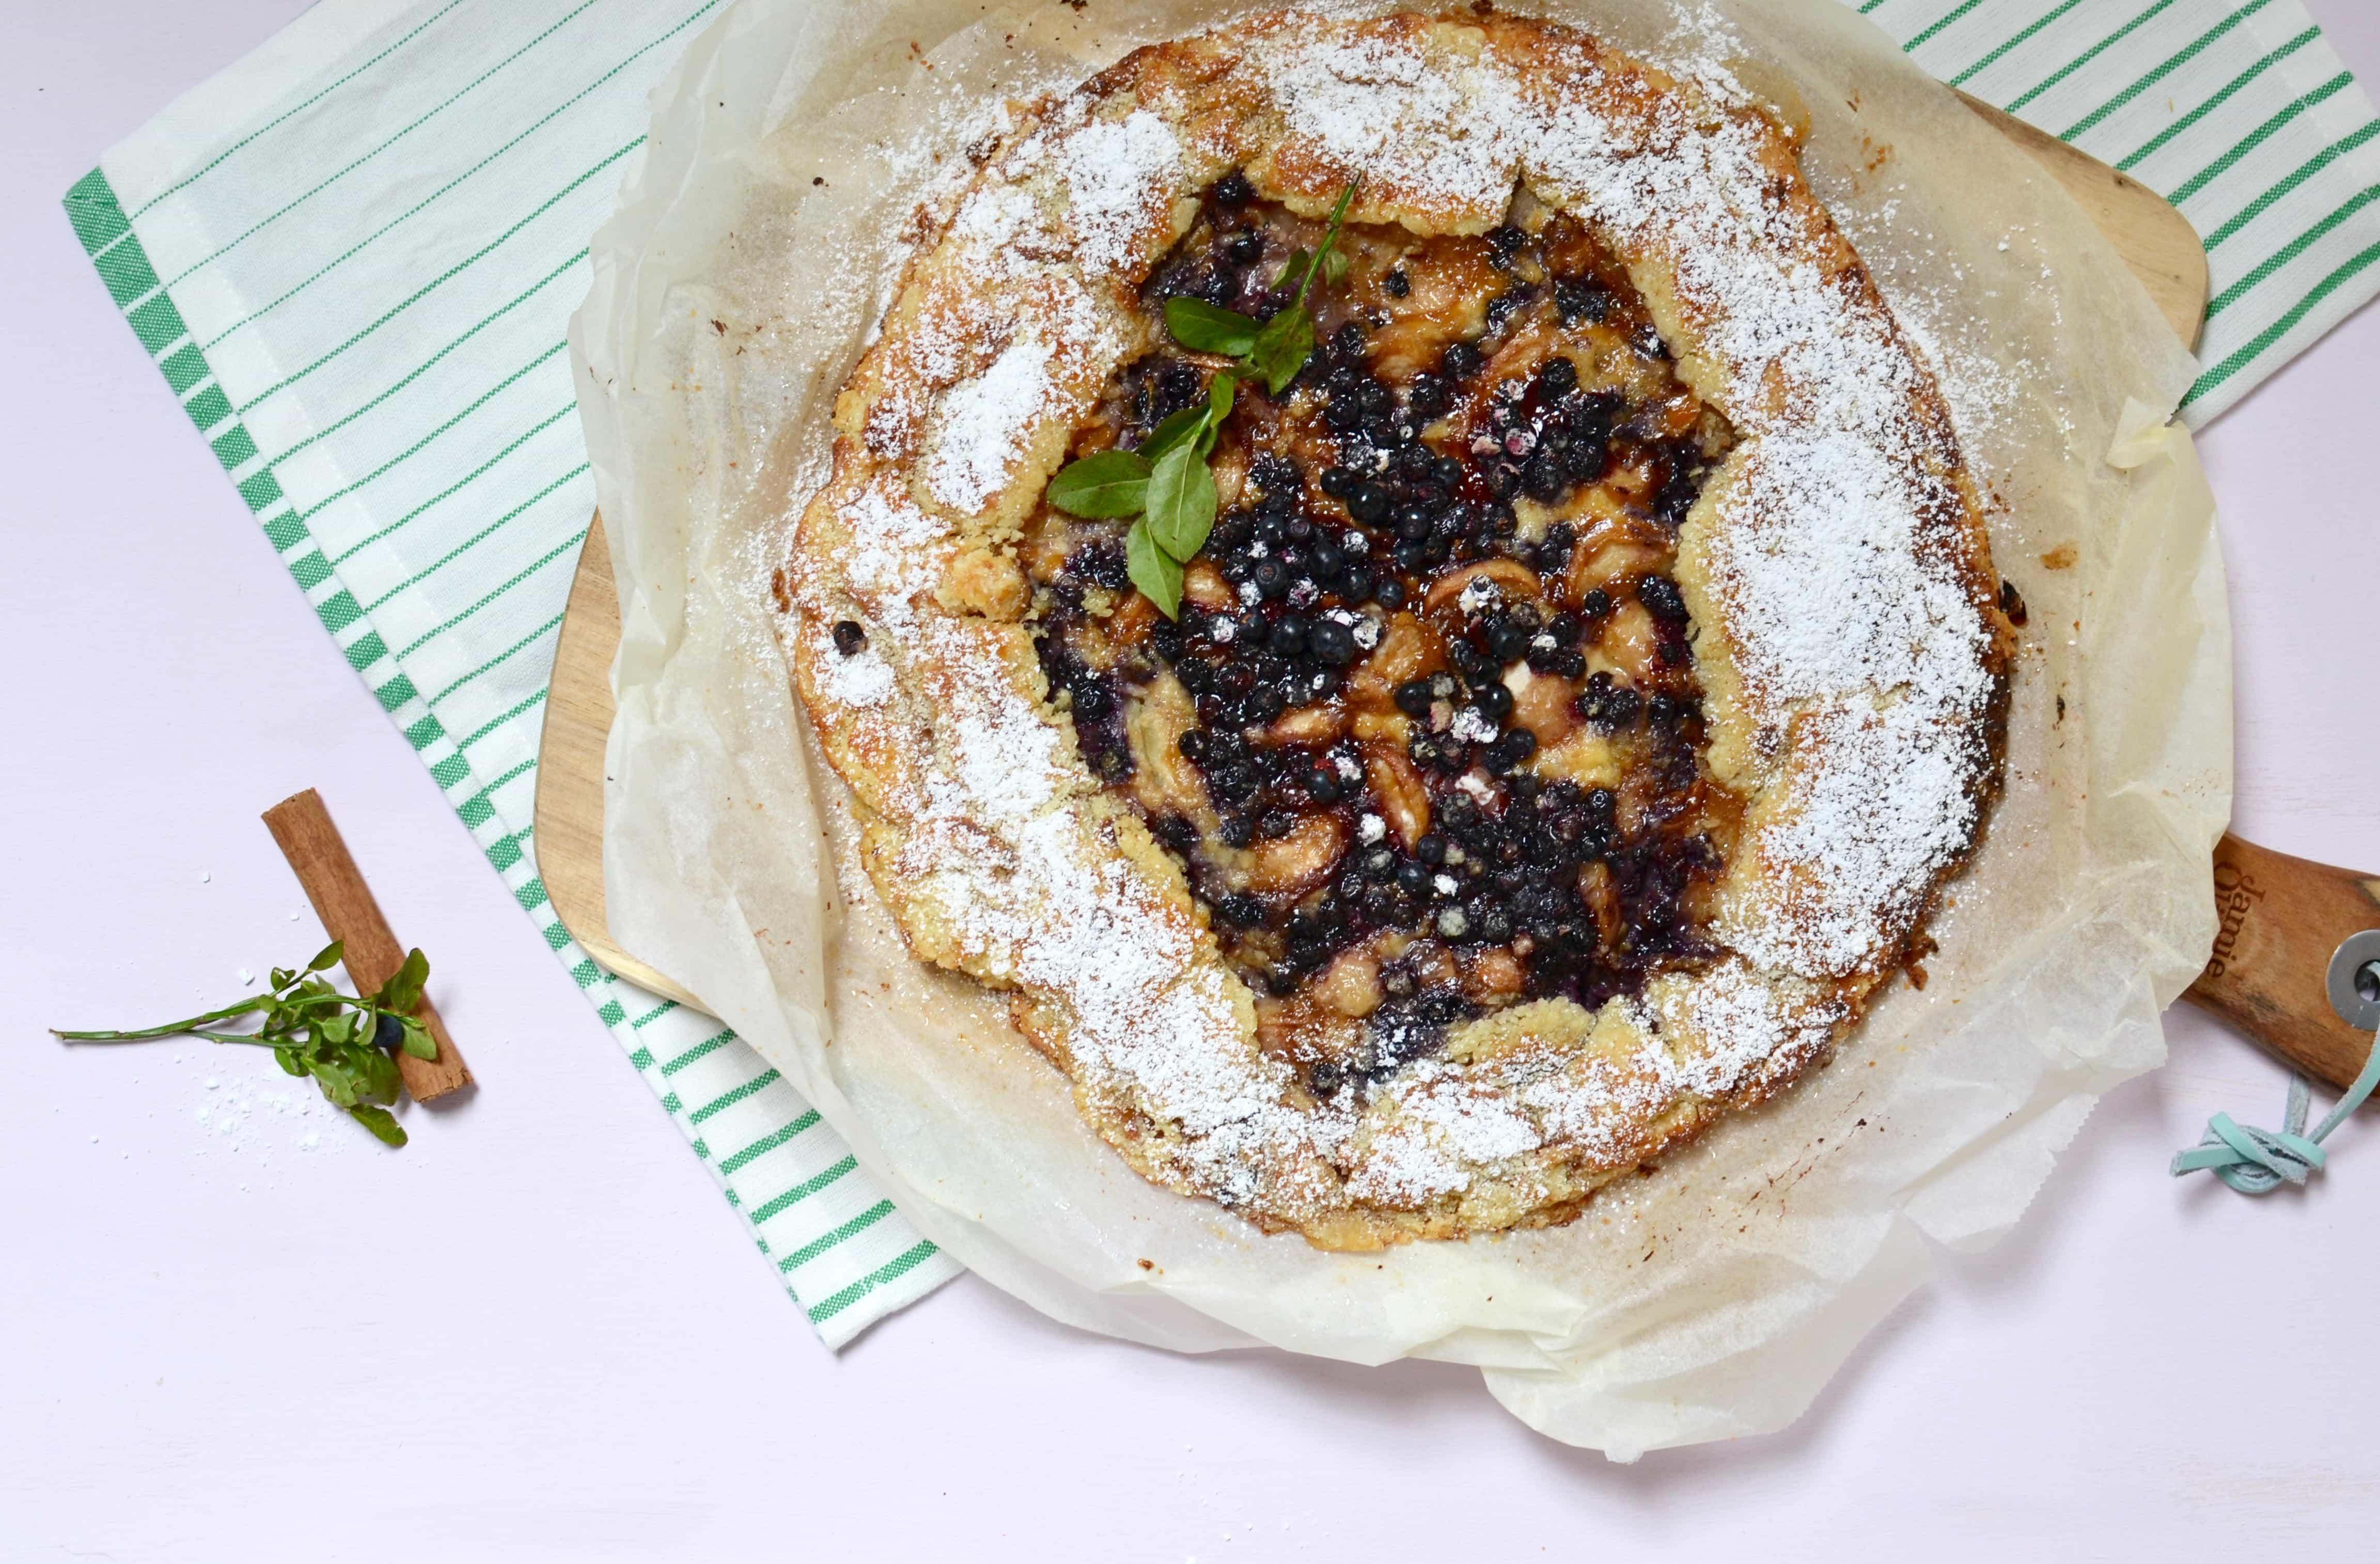 Pfirsich Galette mit Heidelbeeren